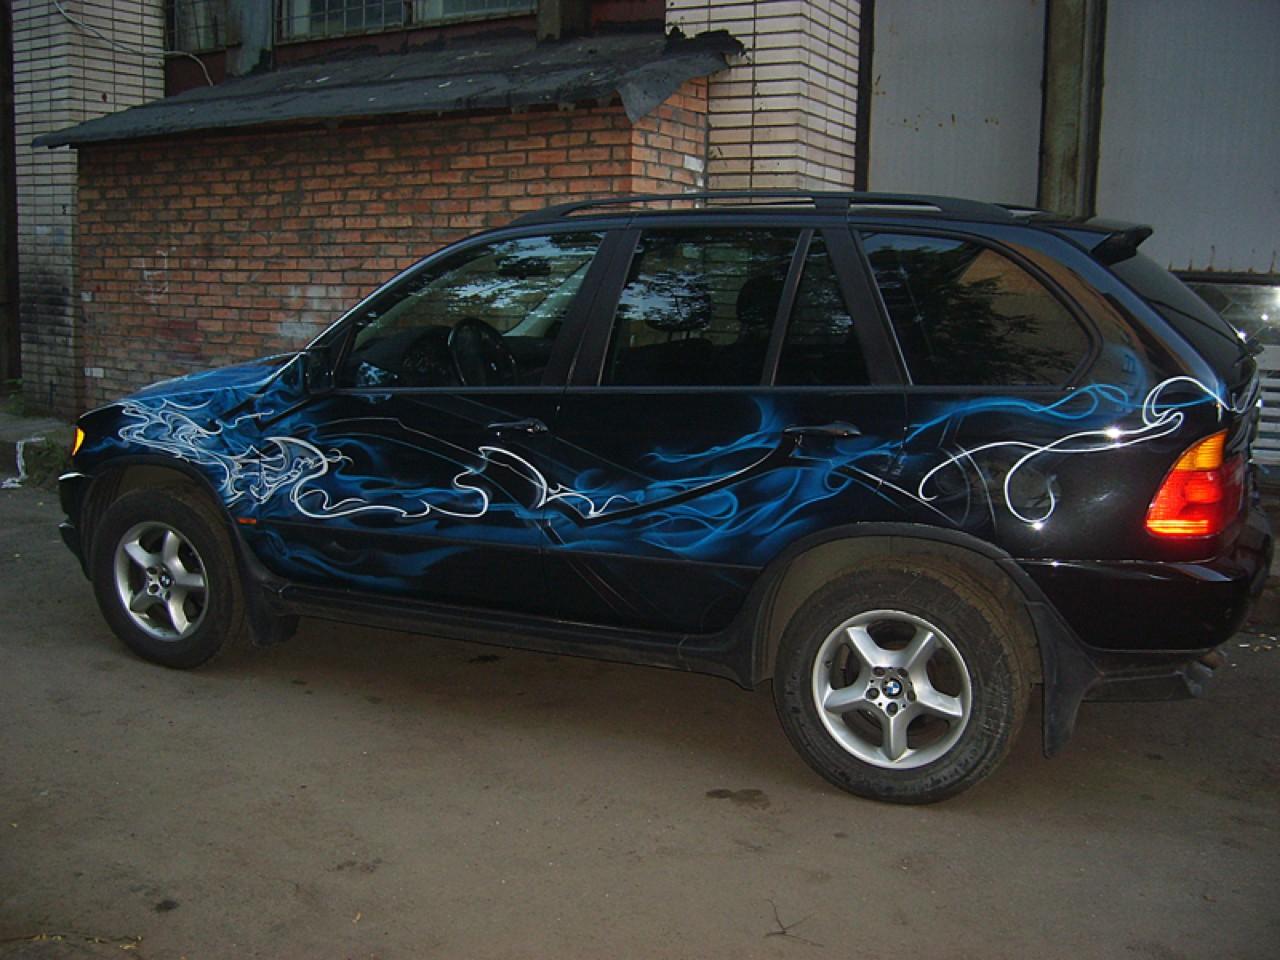 سيارات رائعة بلوحات فنية طبيعية اروع Russia-airbrush-cars-19